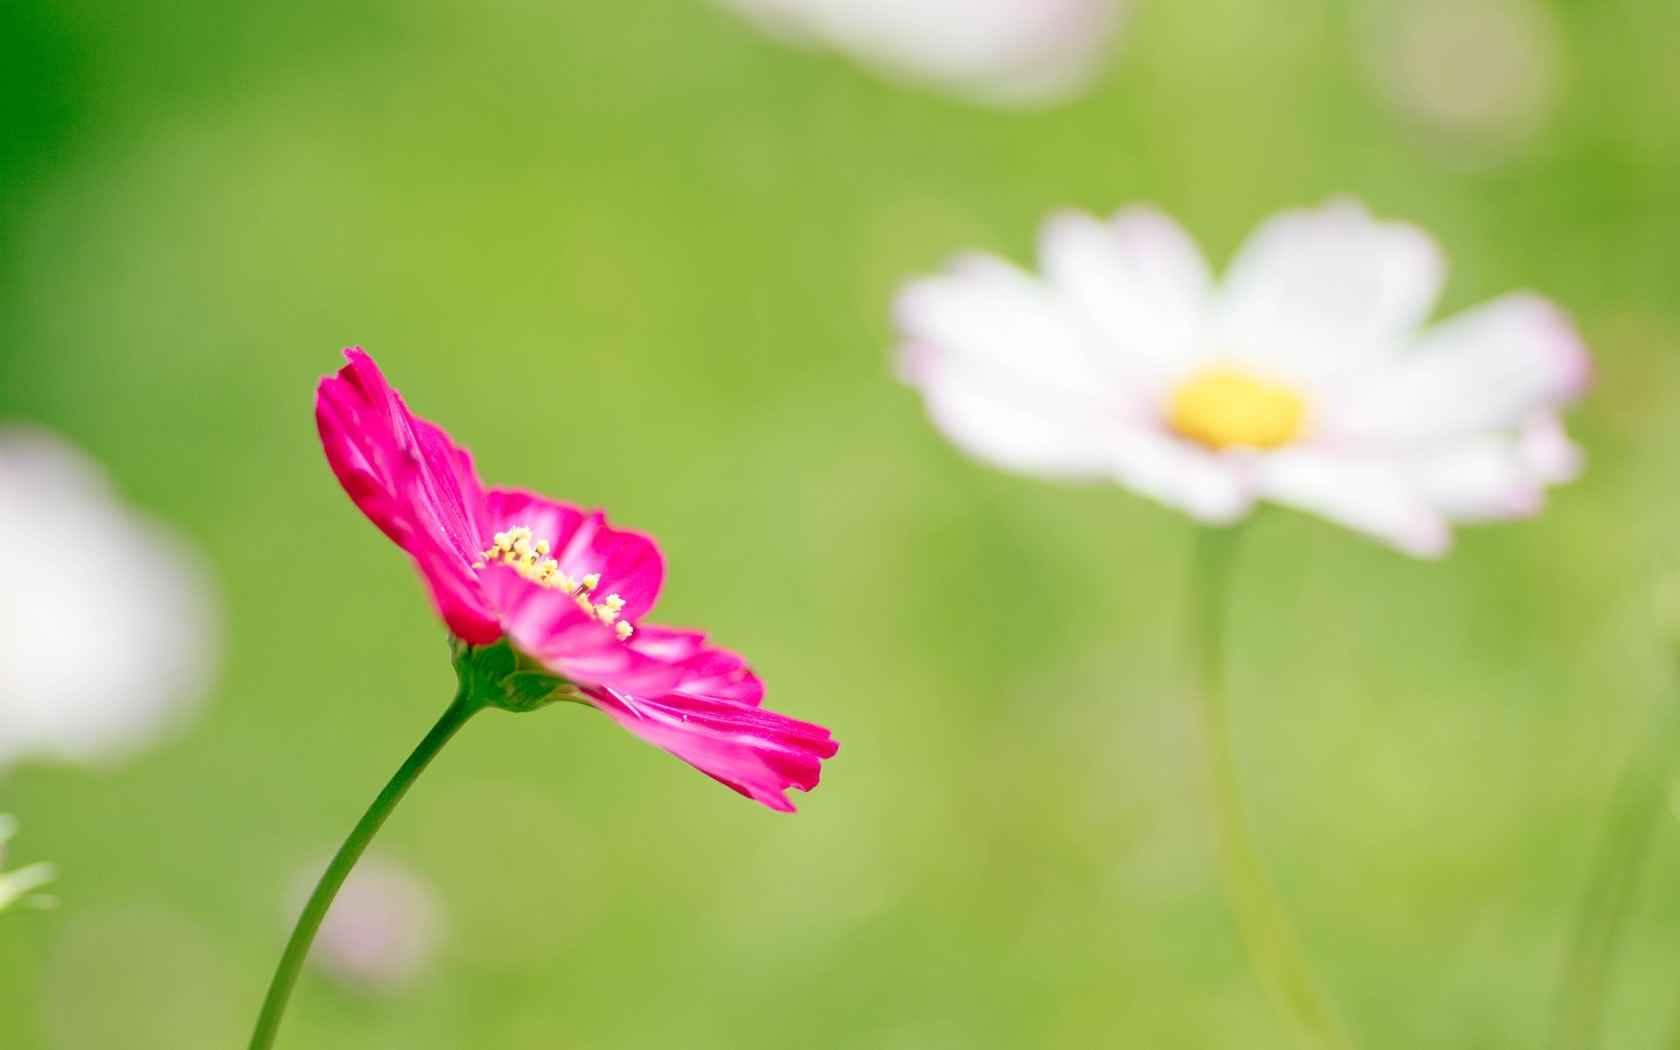 عکس گل های زیبا و قشنگ - تصاویرزیبا عکس های زیبا